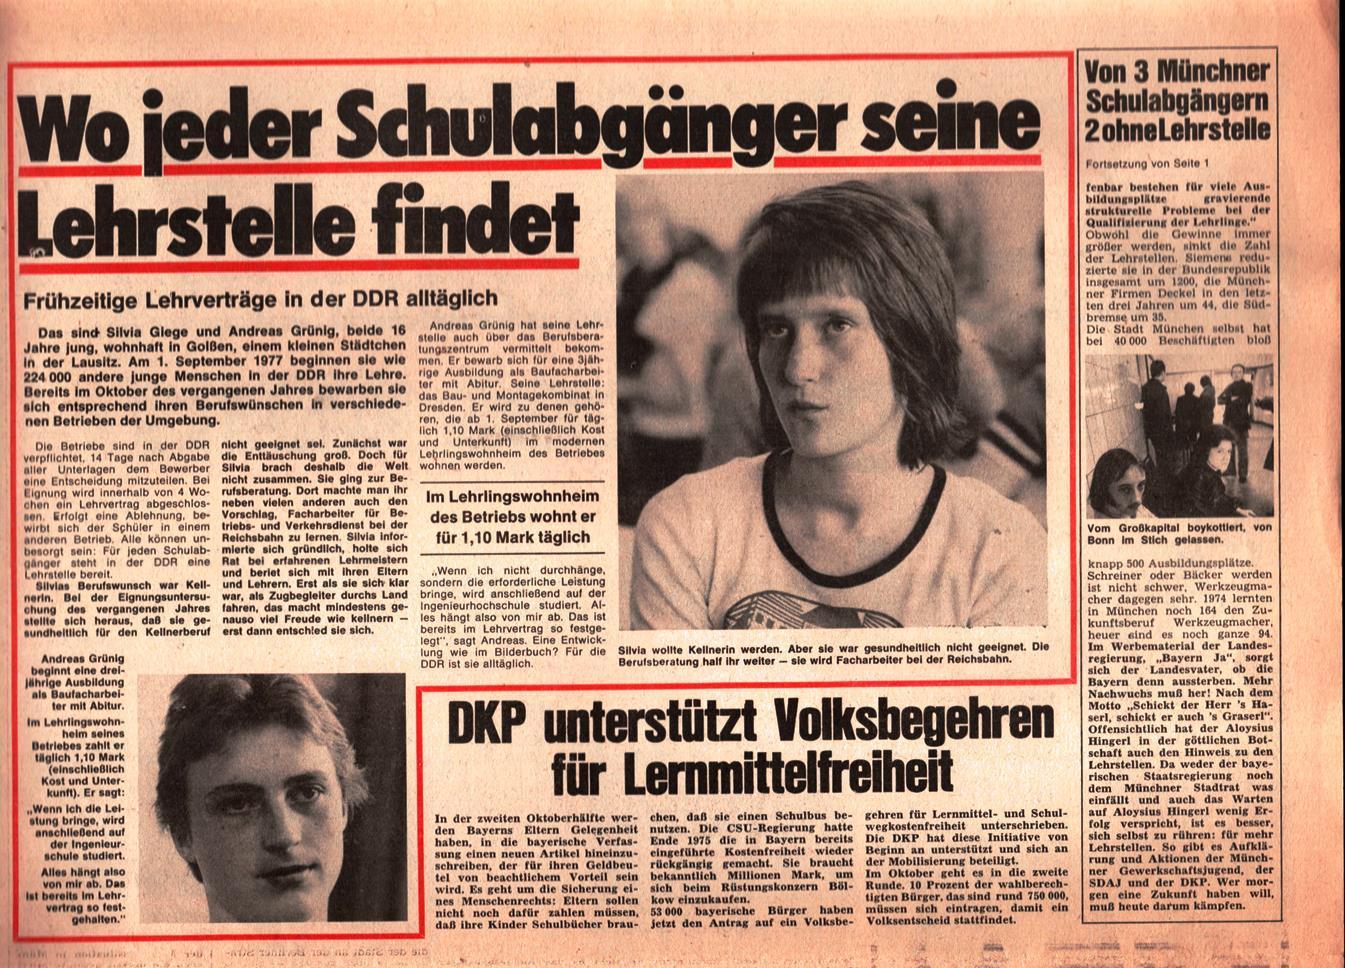 Muenchen_DKP_Neues_Muenchen_19770900_009_005